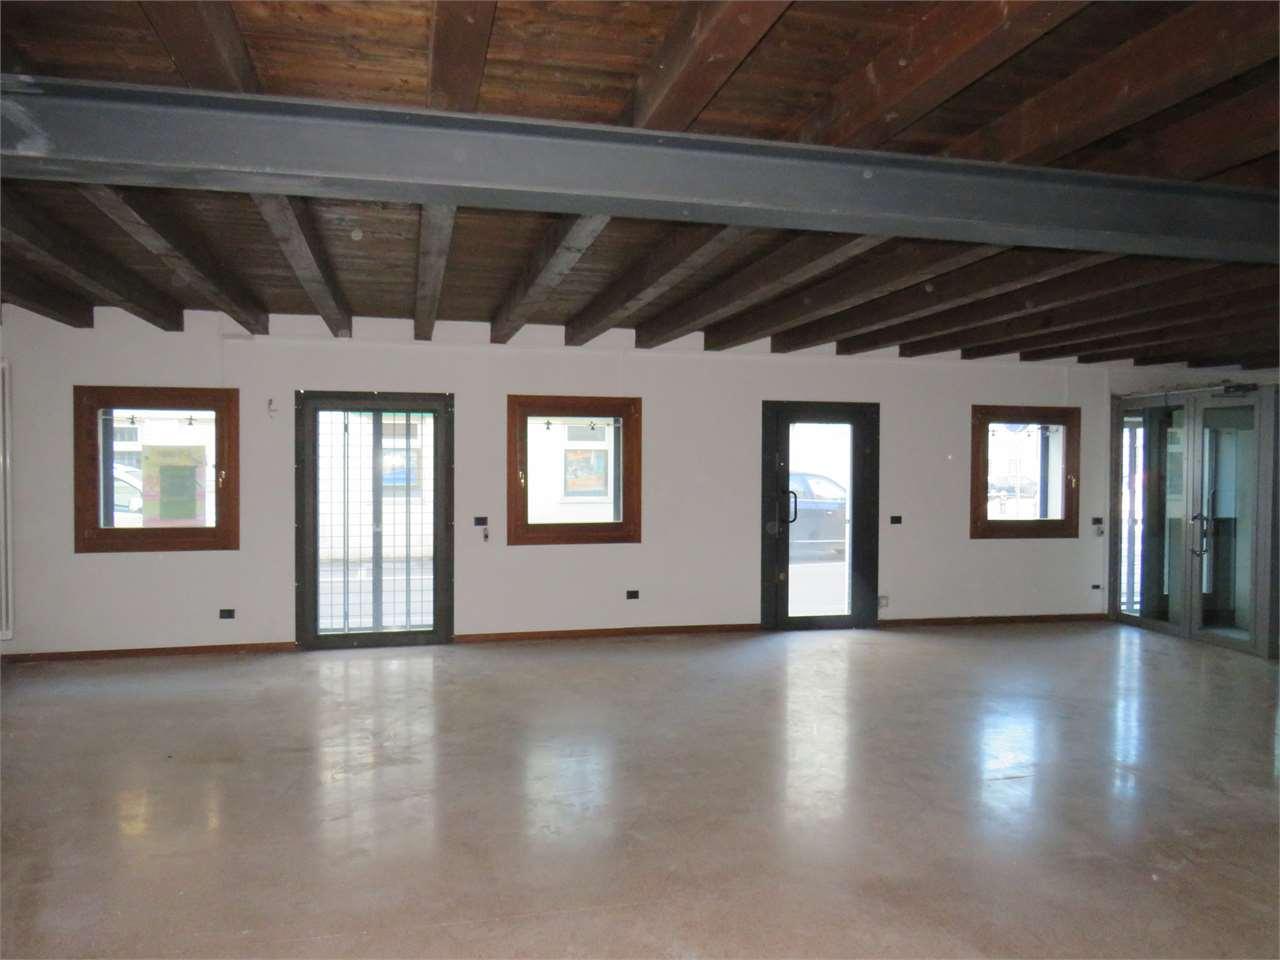 Negozio / Locale in vendita a Isola Vicentina, 2 locali, prezzo € 140.000 | CambioCasa.it